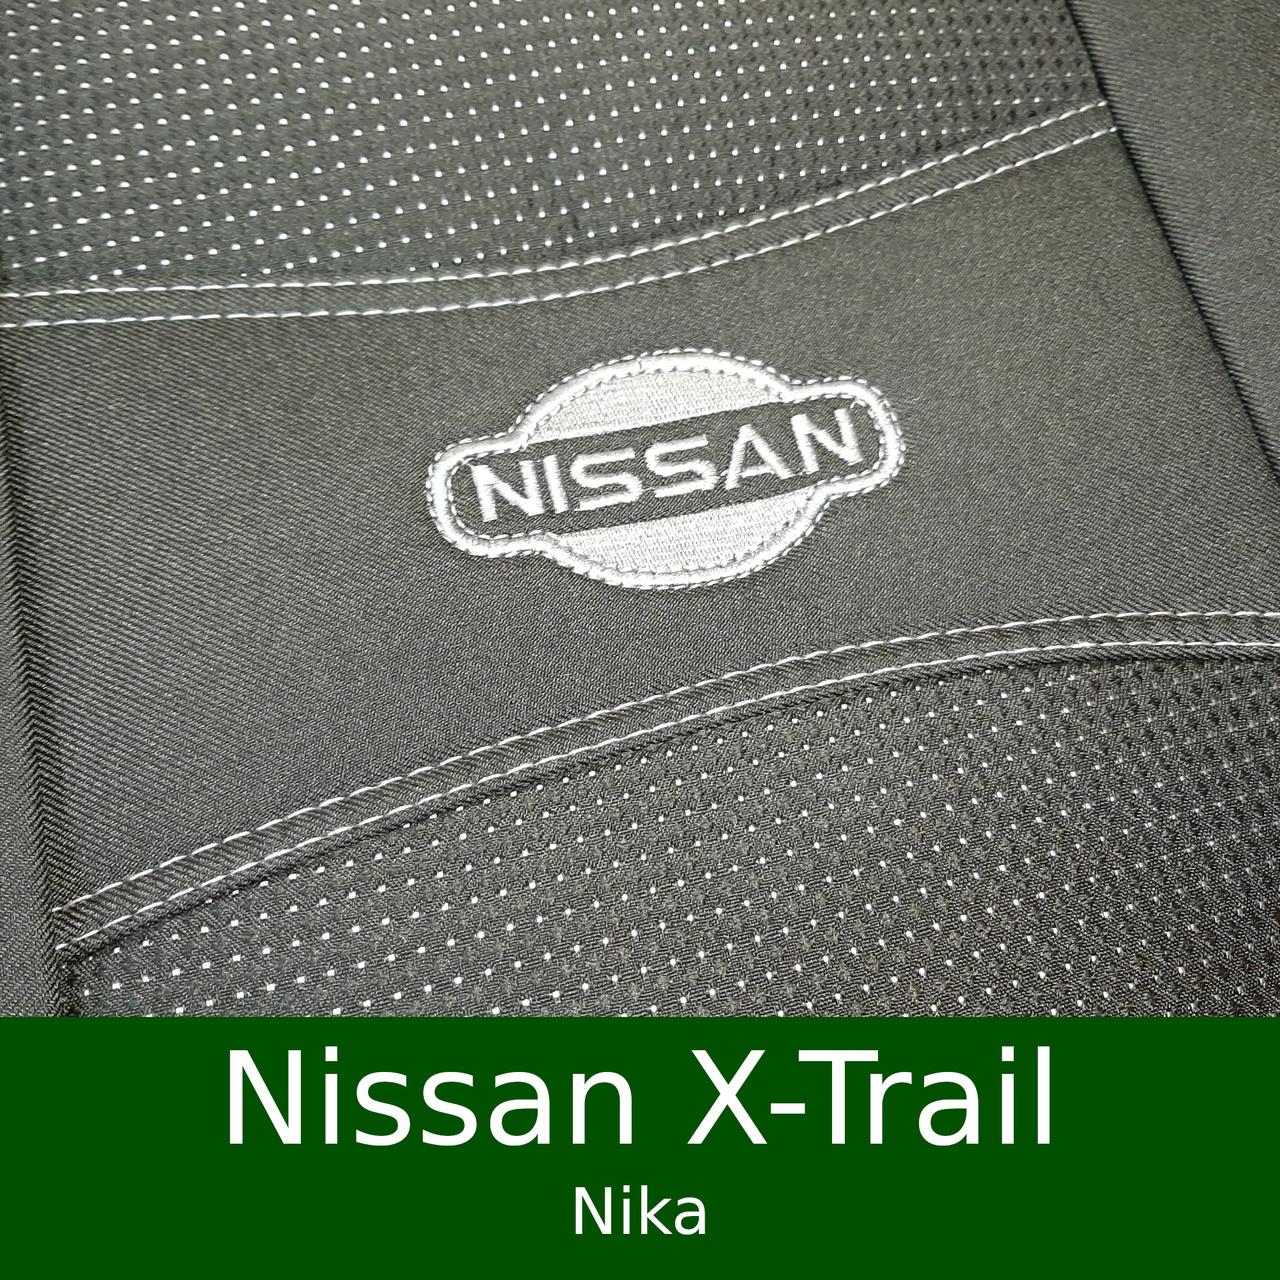 Чехлы на сиденья Nissan X-Trail (Nika)